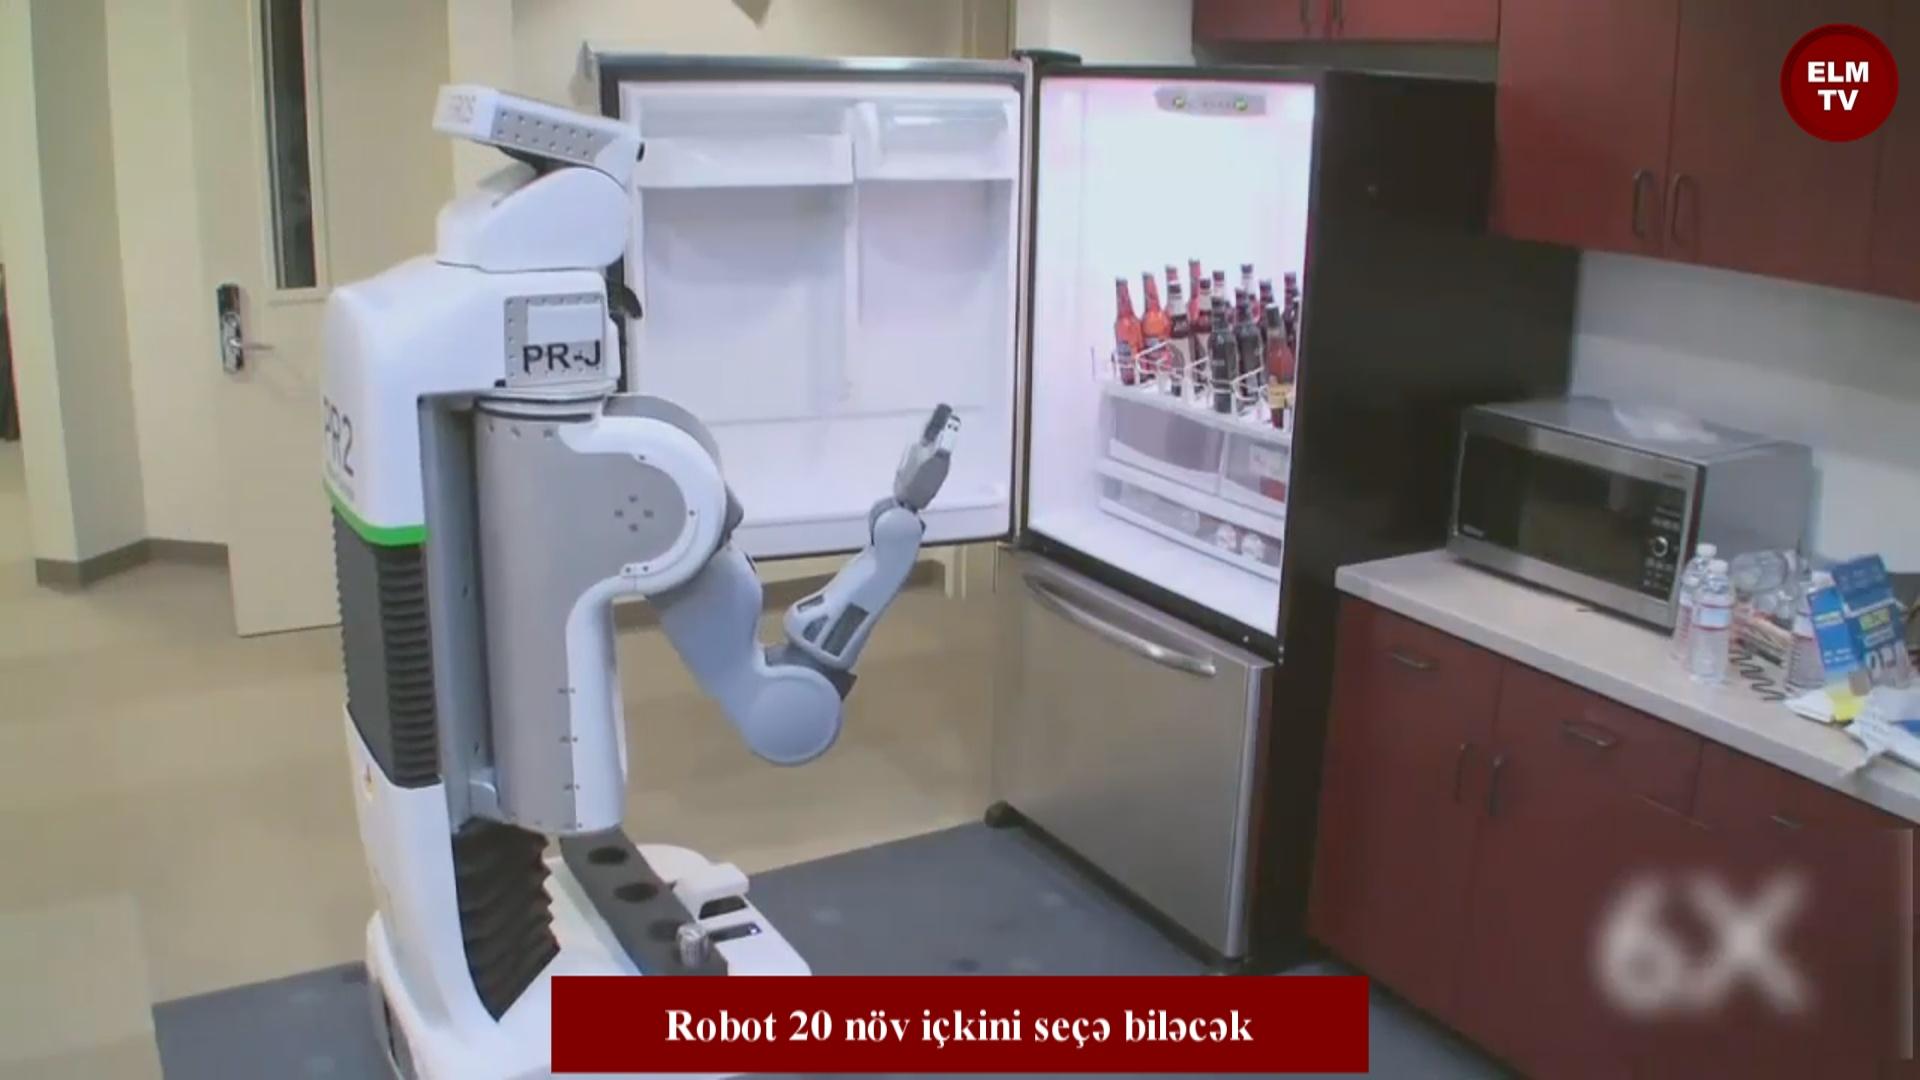 Robot 20 növ içkini seçə biləcək